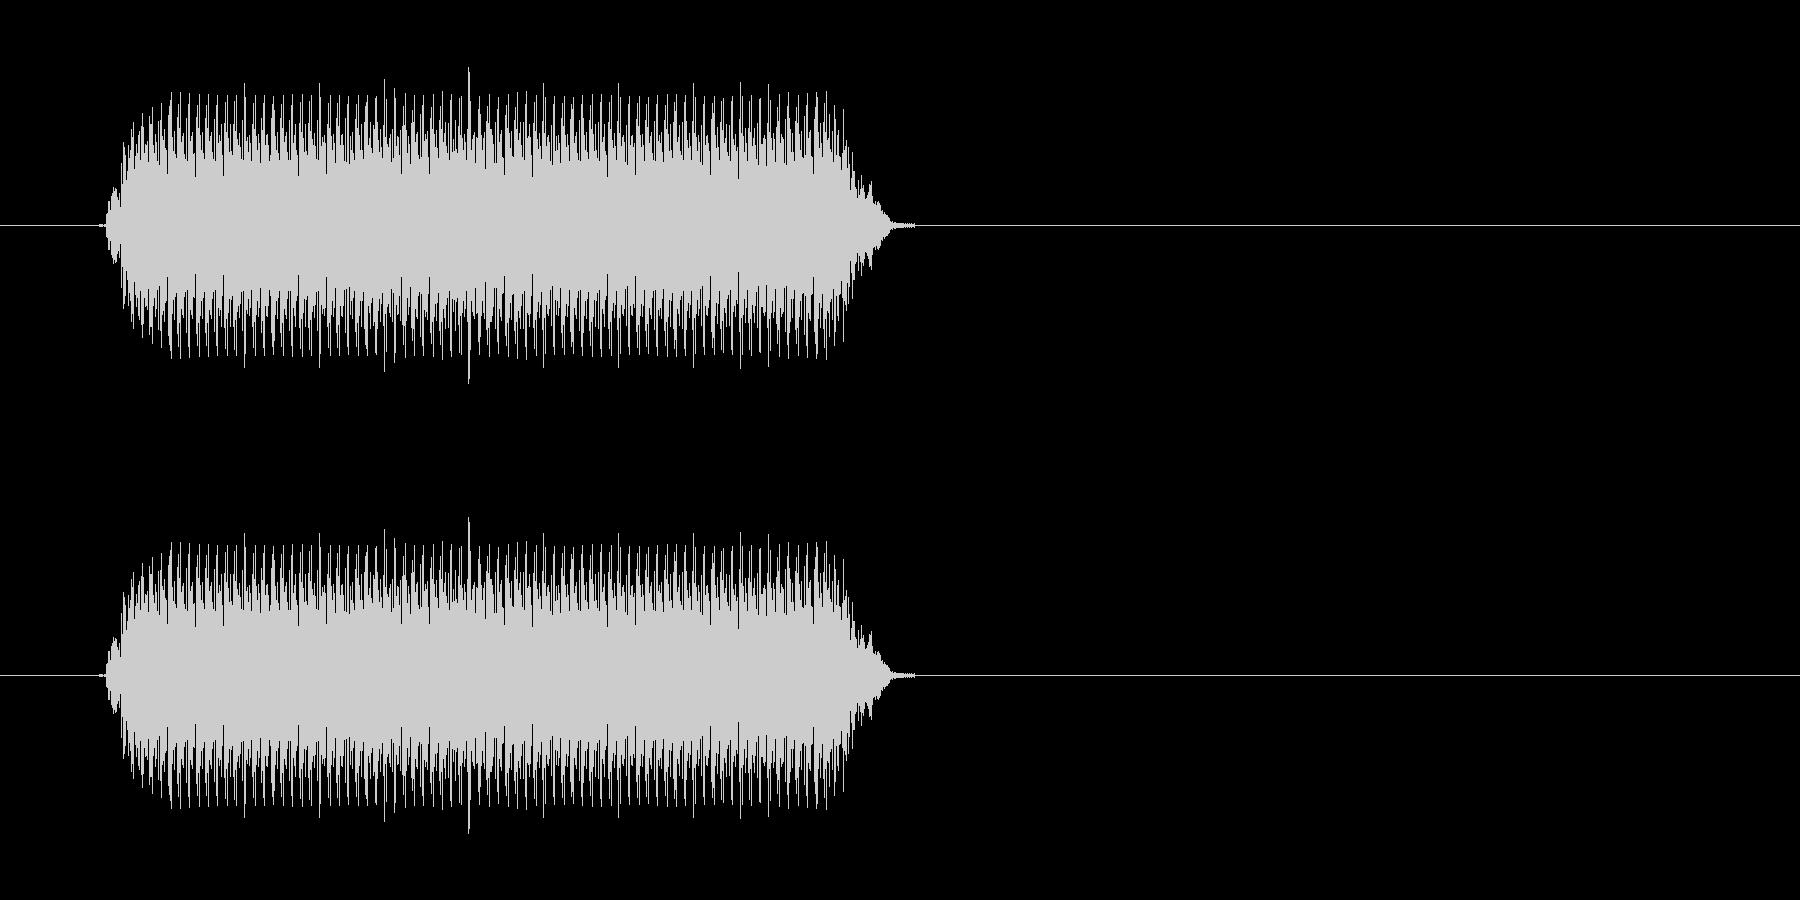 警報機の音の未再生の波形